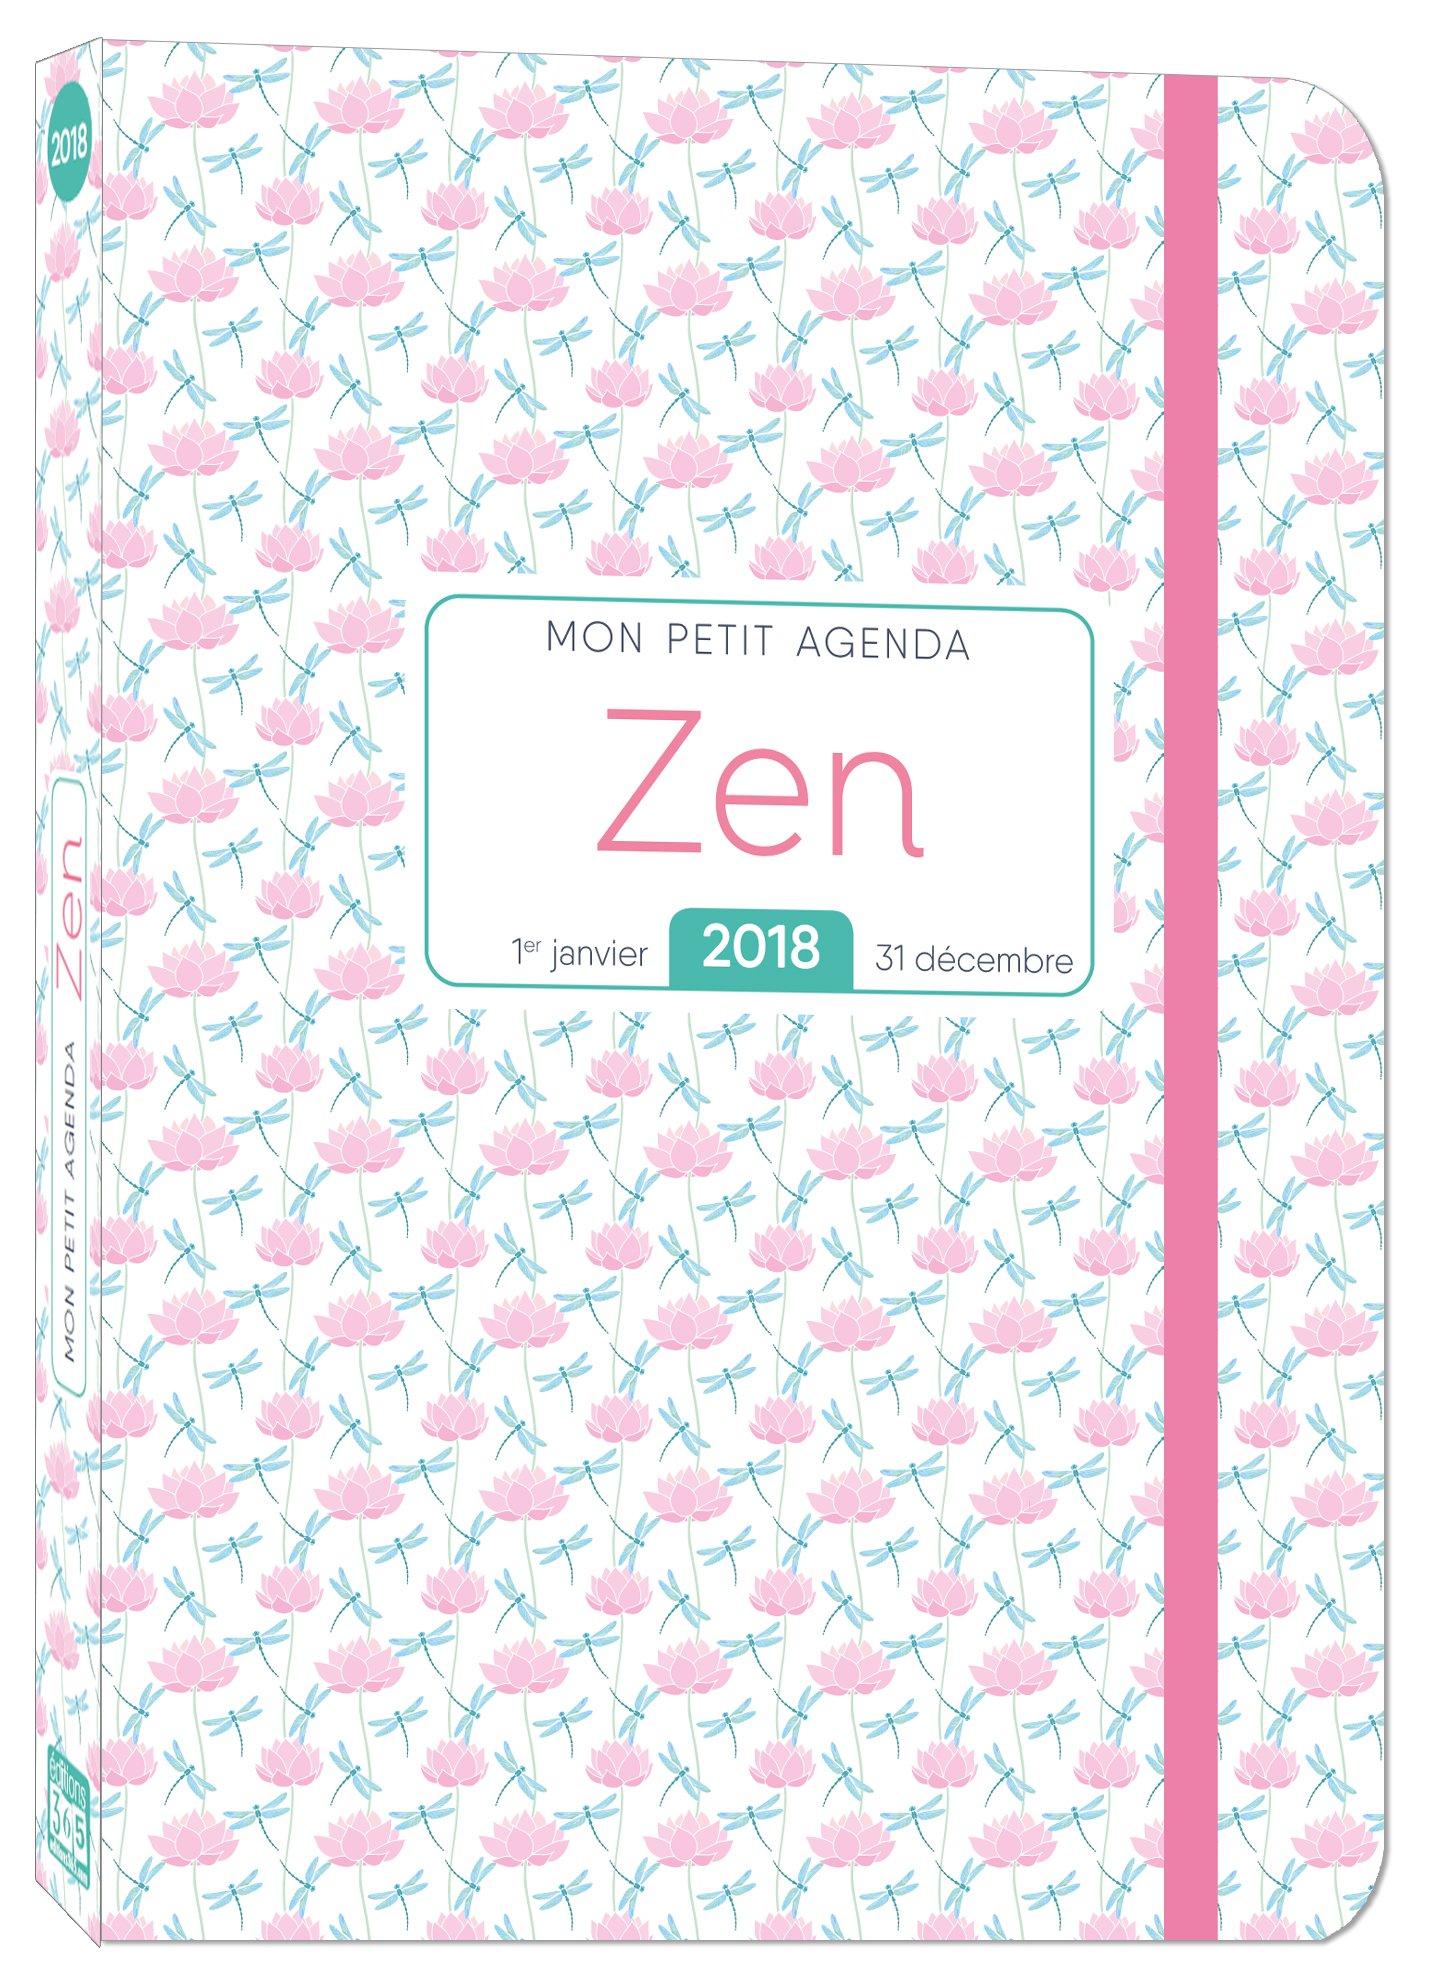 Mon petit agenda Zen 2018: Amazon.es: Collectif: Libros en ...